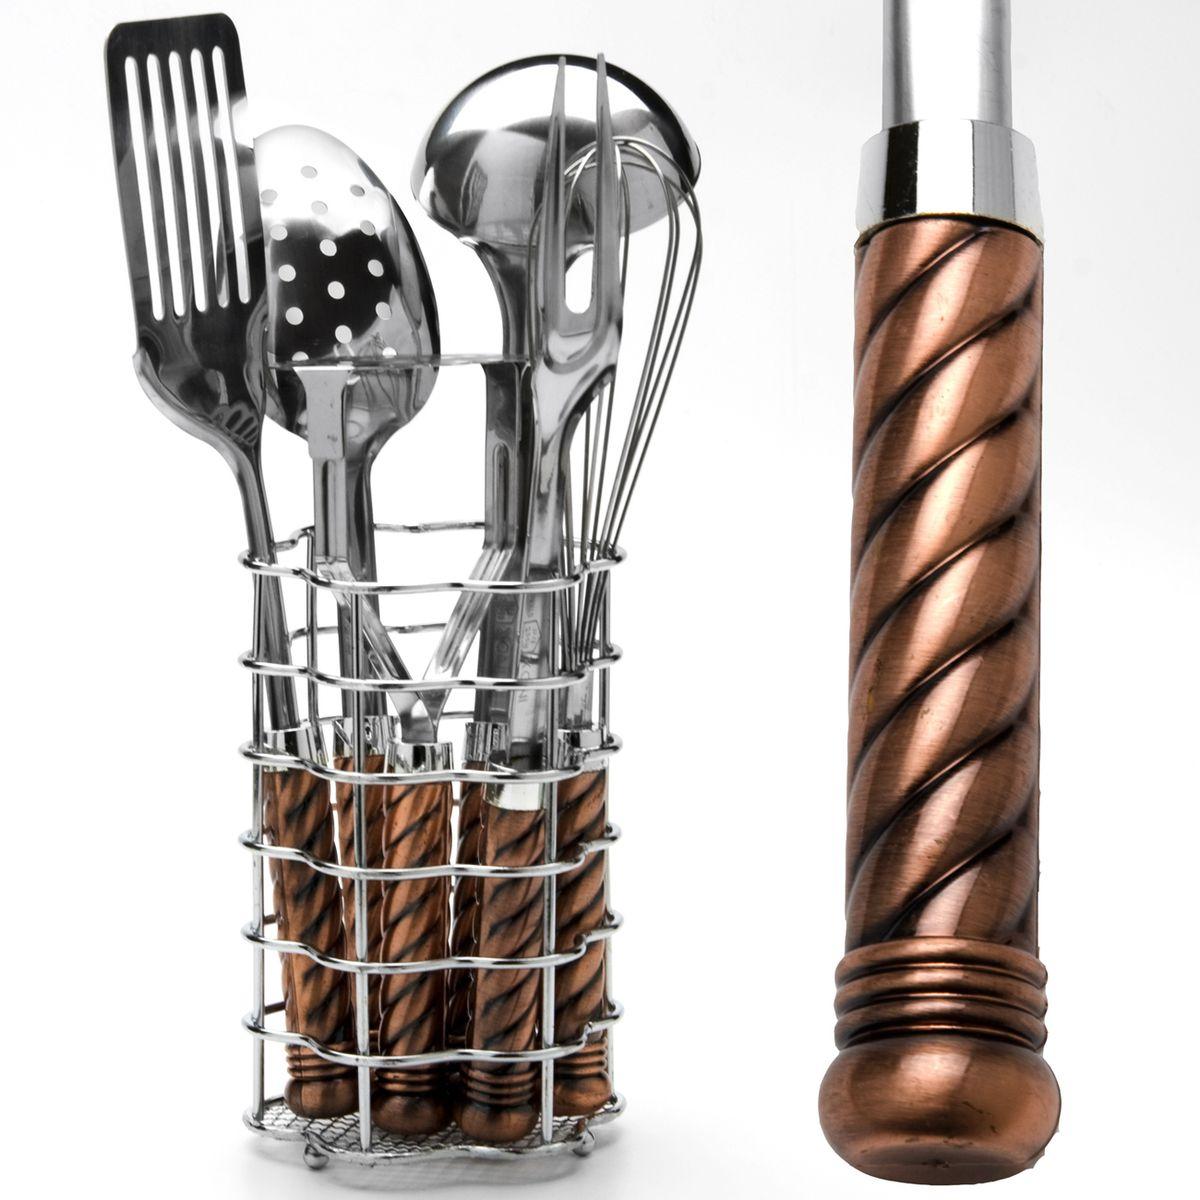 Набор кухонных принадлежностей Mayer & Boch, 7 предметов. 36753675Набор кухонных принадлежностей Mayer & Boch состоит из венчика, вилки кулинарной, половника, шумовки, лопатки кулинарной, пресса для картофеля и металлической подставки. Предметы набора выполнены из высококачественной нержавеющей стали 18/10 и оснащены эргономичными пластиковыми ручками. Эксклюзивный дизайн, эстетичность и функциональность набора Mayer & Boch позволят ему занять достойное место среди кухонного инвентаря. Длина венчика: 28,5 см. Длина вилки: 31,5 см. Длина половника: 31 см. Длина шумовки: 31 см. Длина лопатки: 32 см. Длина пресса для картофеля: 22,5 см. Размер подставки: 11,5 х 11,5 х 17,5 см.